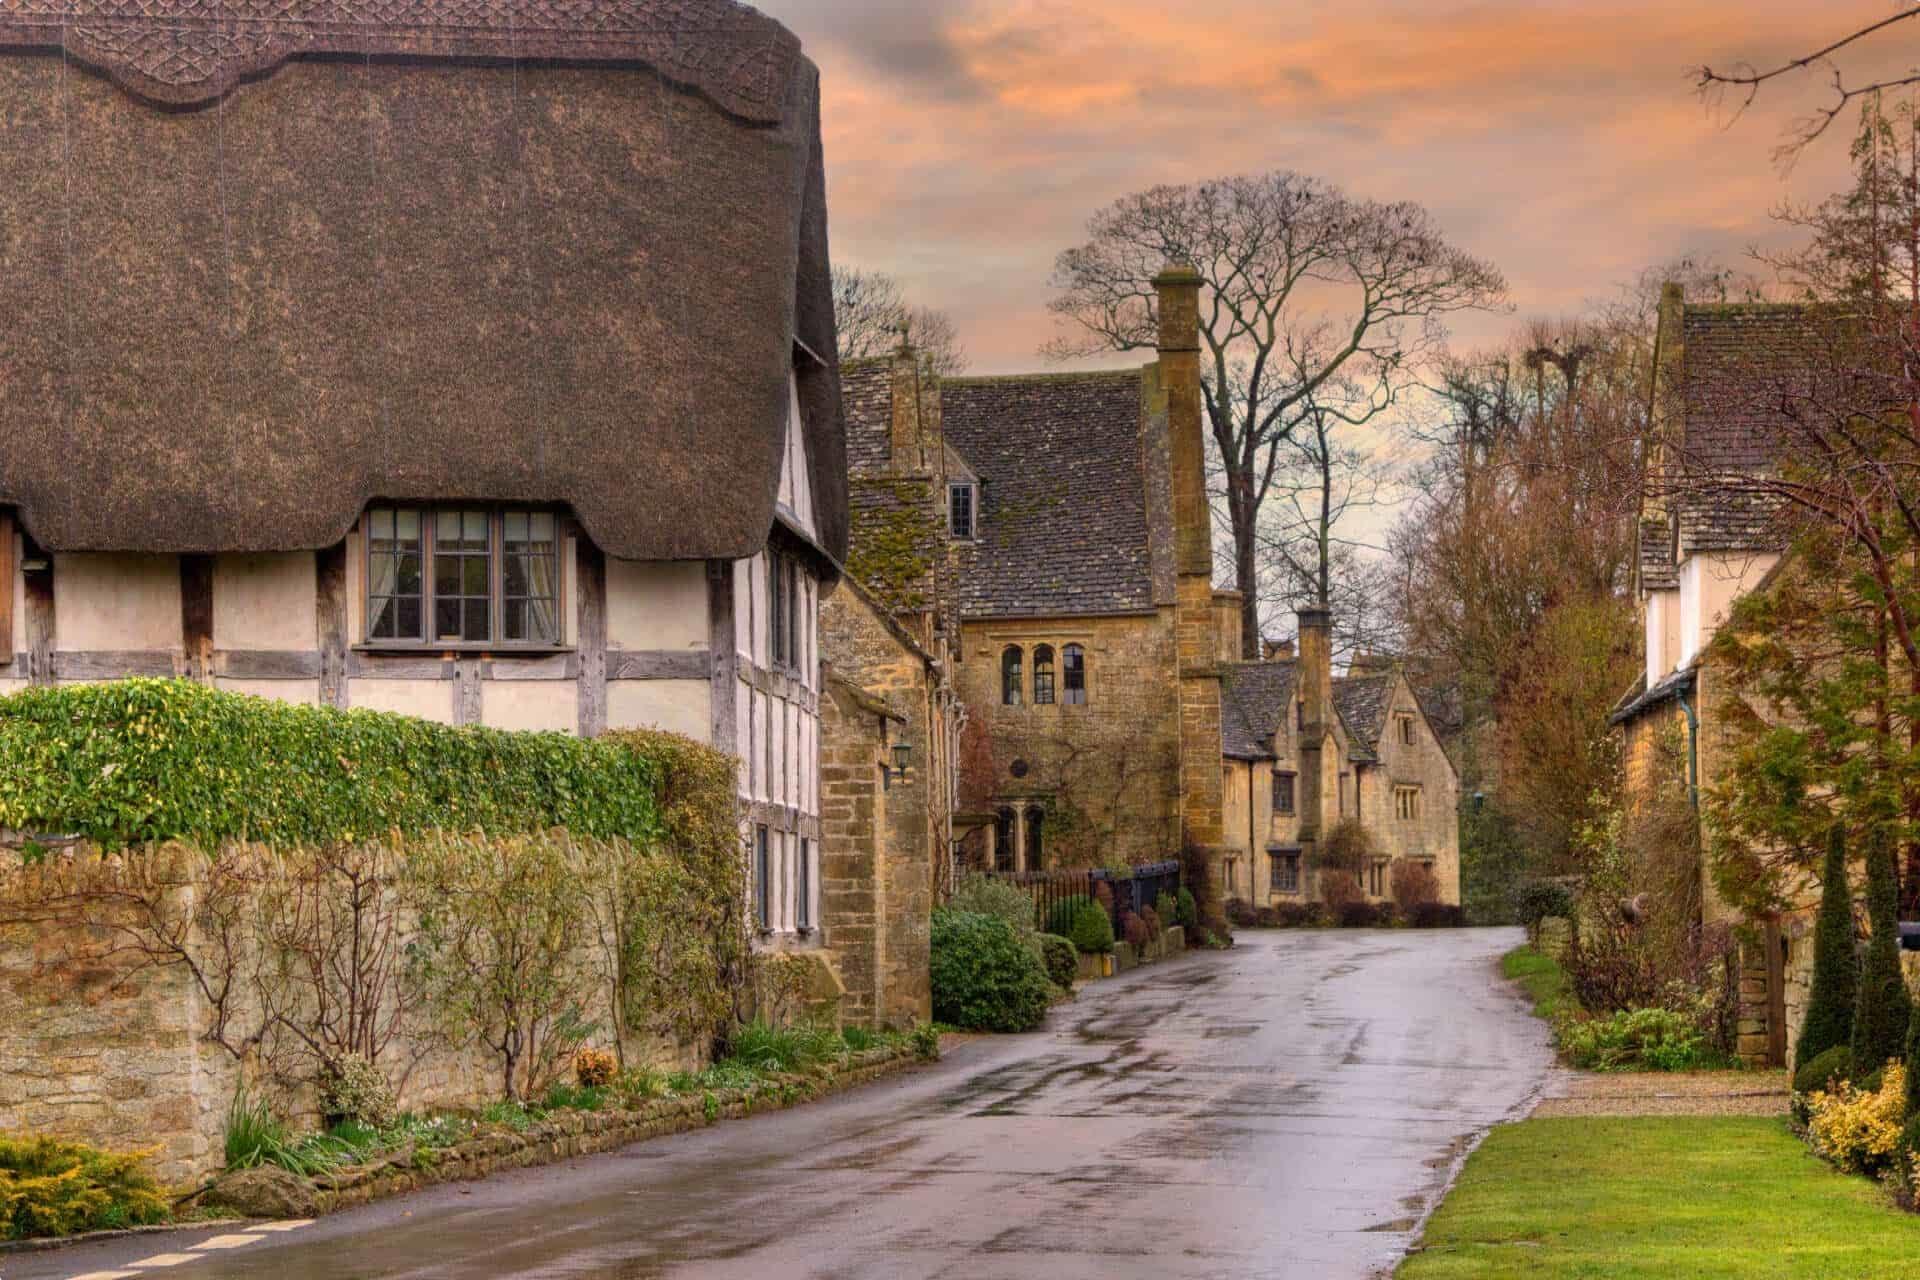 Cotswold-Stanton Village